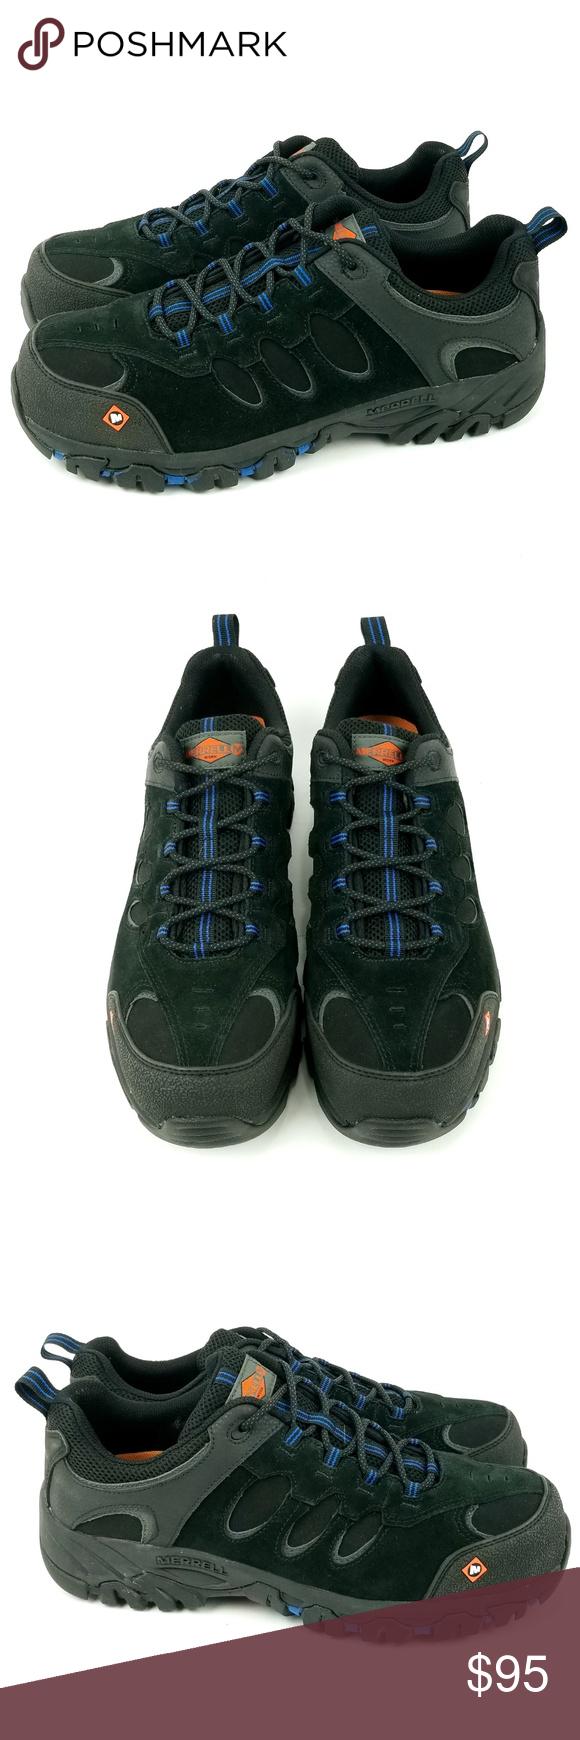 Merrell Ridgepass Safety Shoes Mens 11 EH07 Merrell Men's